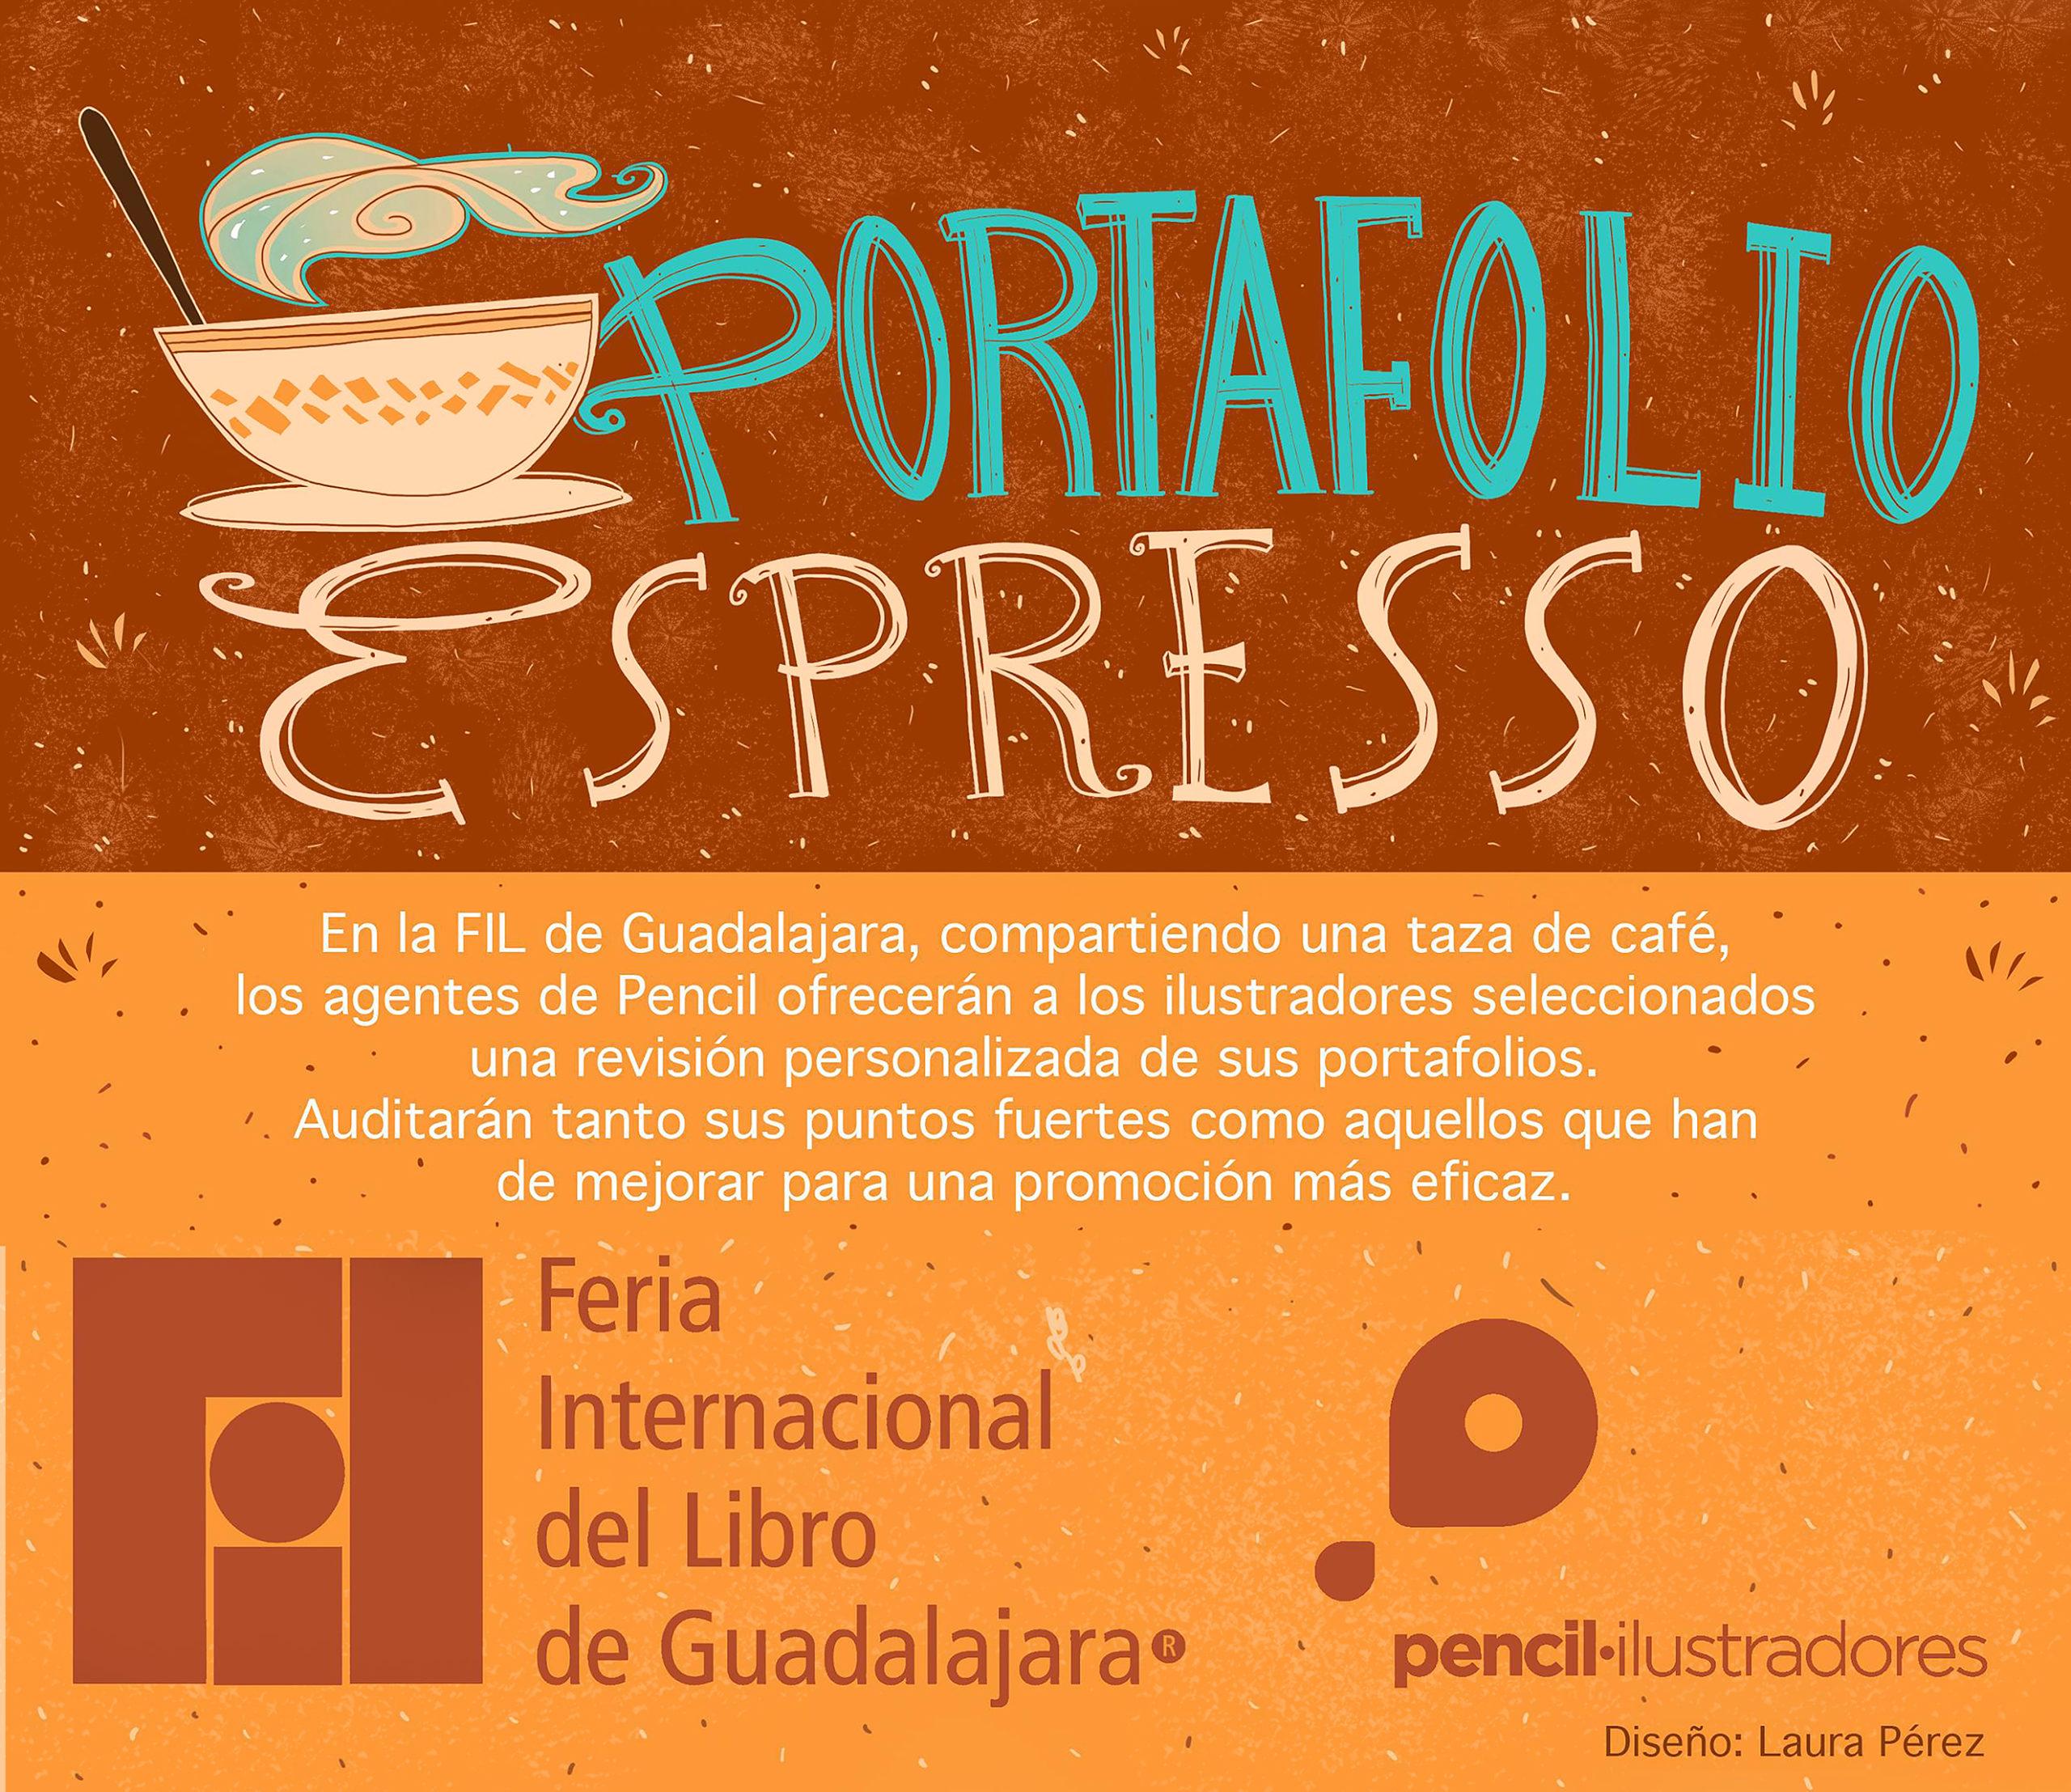 Revisión de portafolios en la FIL de Guadalajara (México)